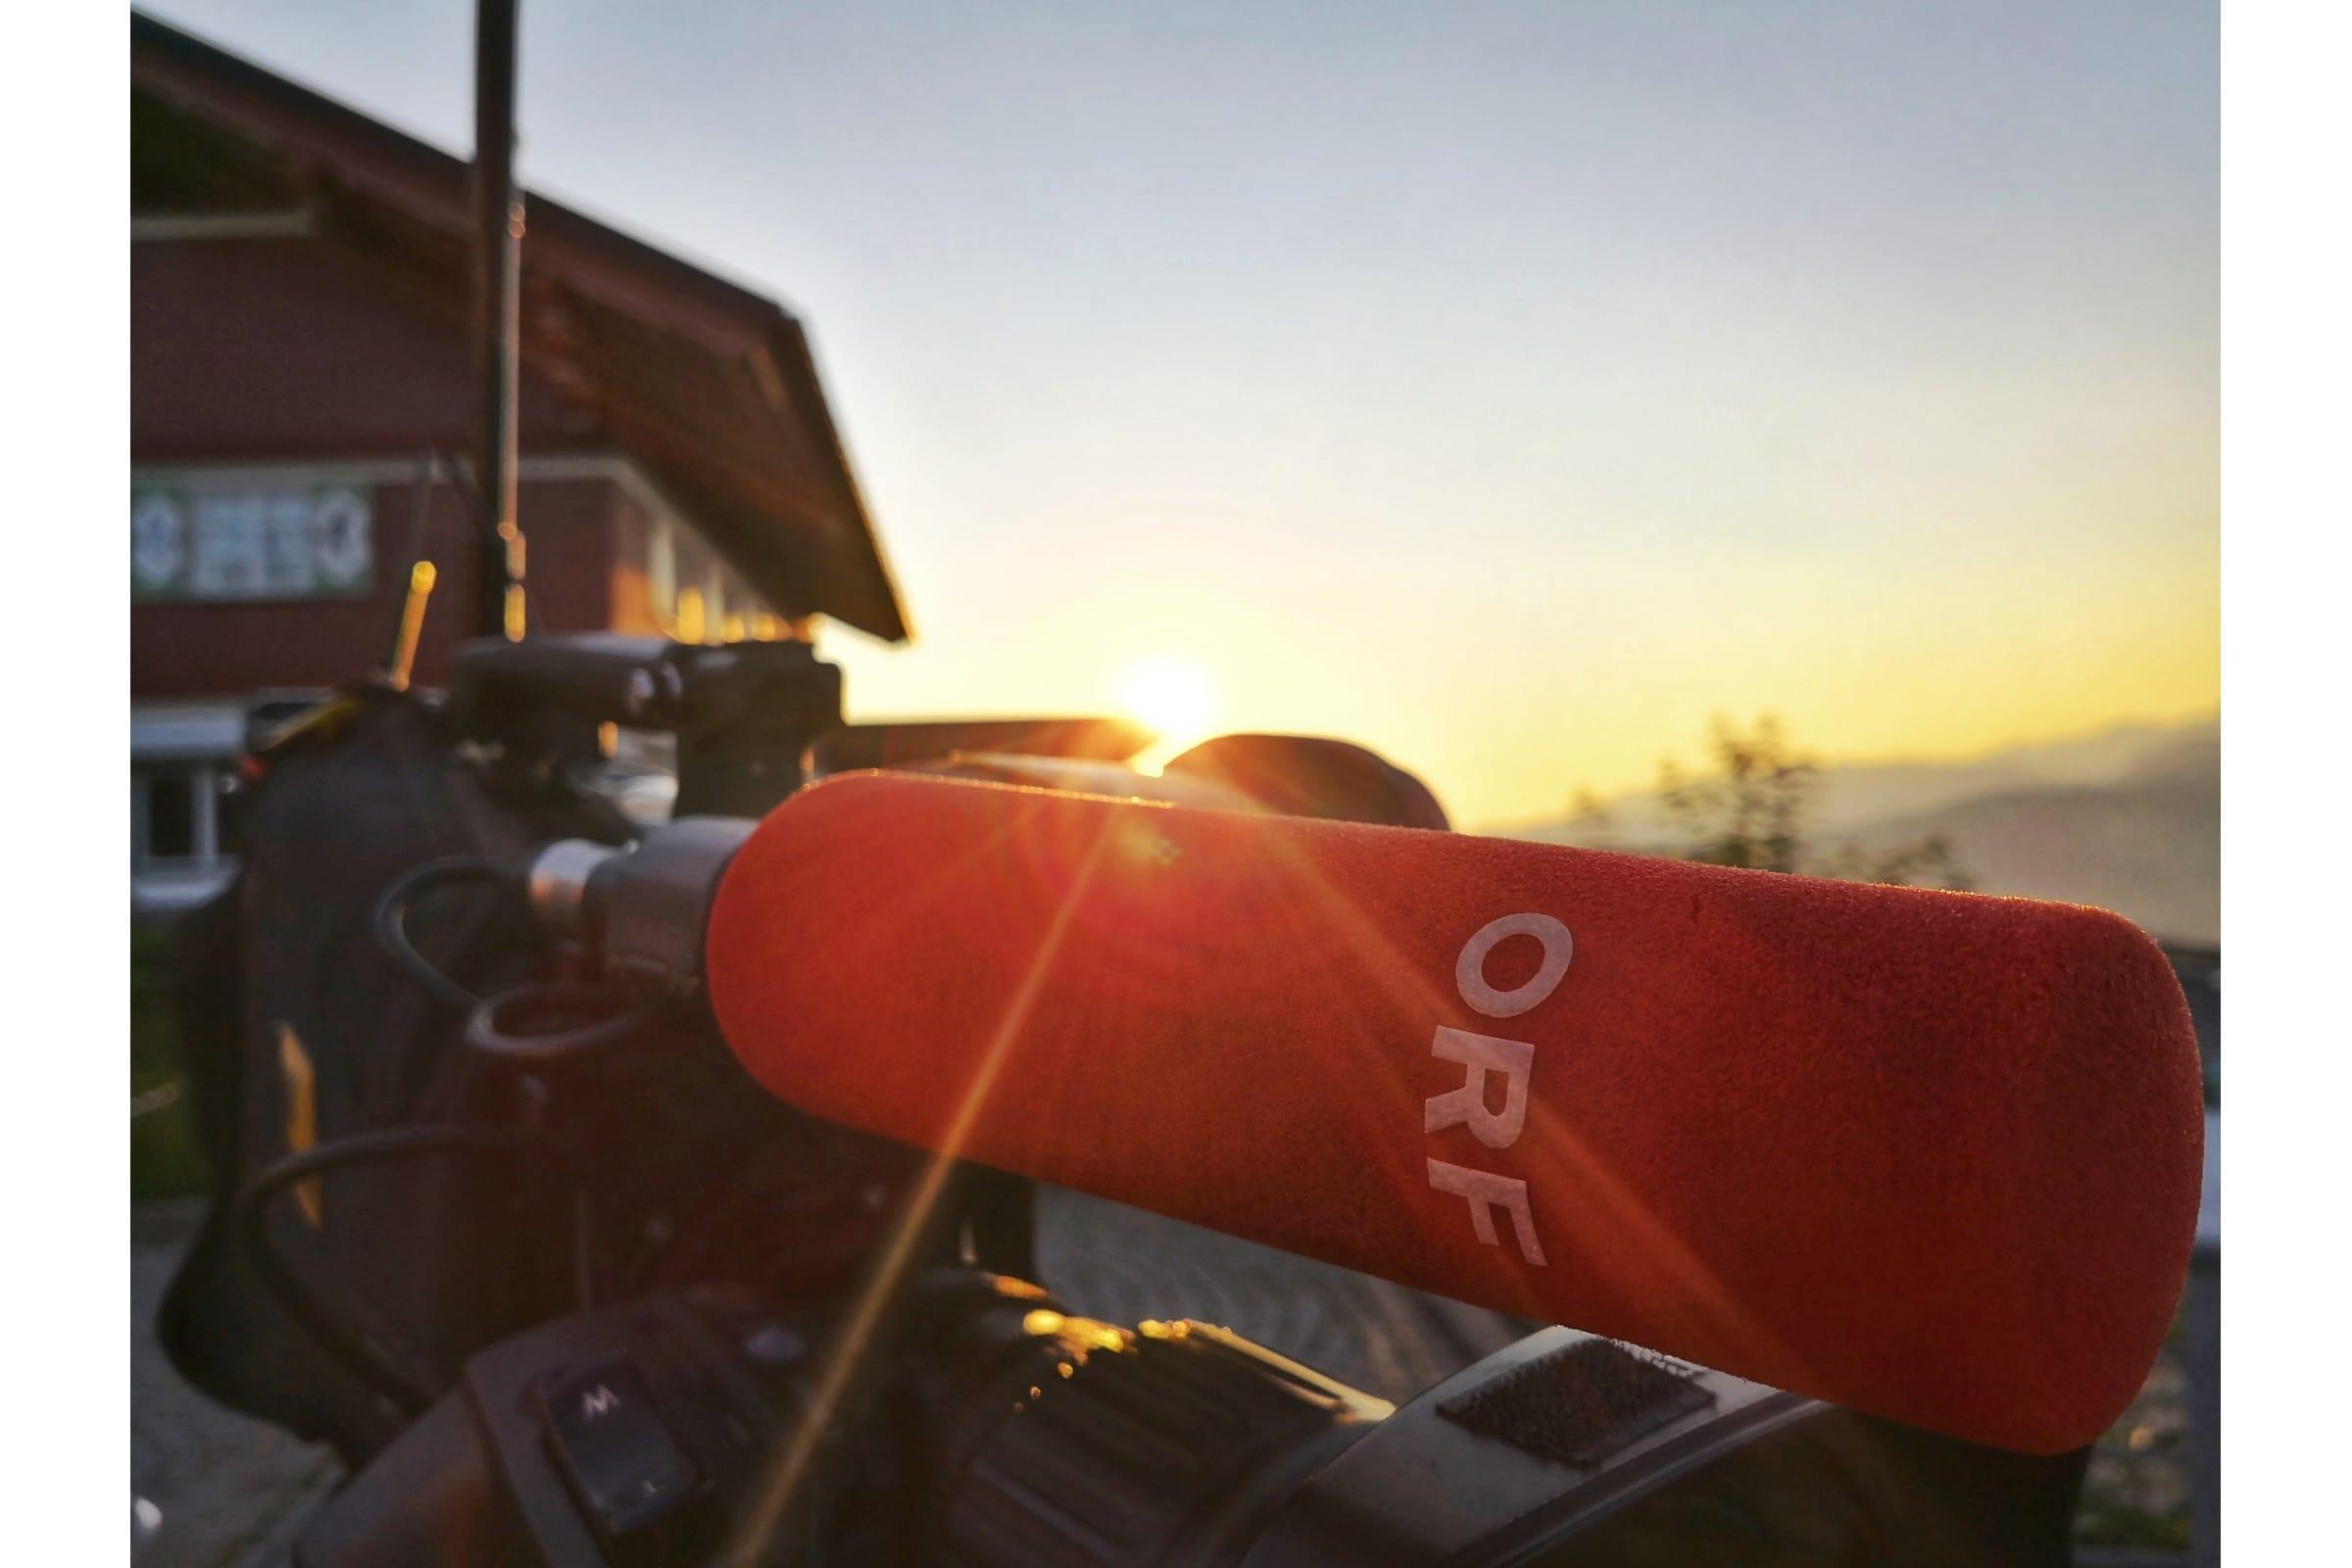 andreas felder kameramann unterwegs in österreich tirol 23 25.07.2018 06 23 59 - ORF Daheim in Österreich